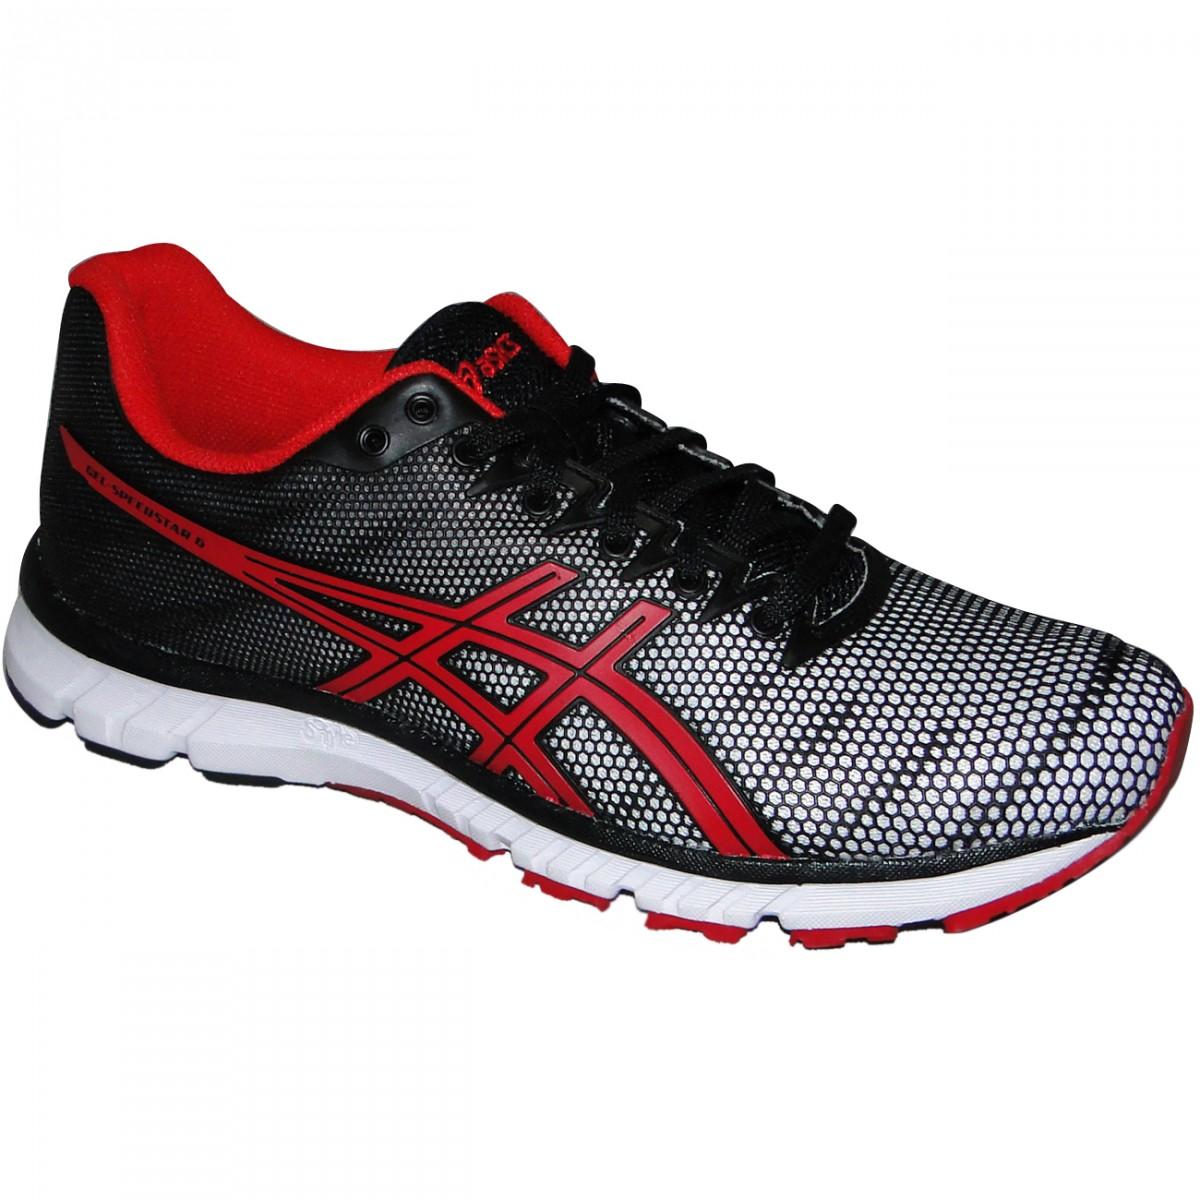 72e119ceb4d Tenis Asics Gel-Speedstar 6 T213Q-0190 - Preto Vermelho Branco - Chuteira  Nike